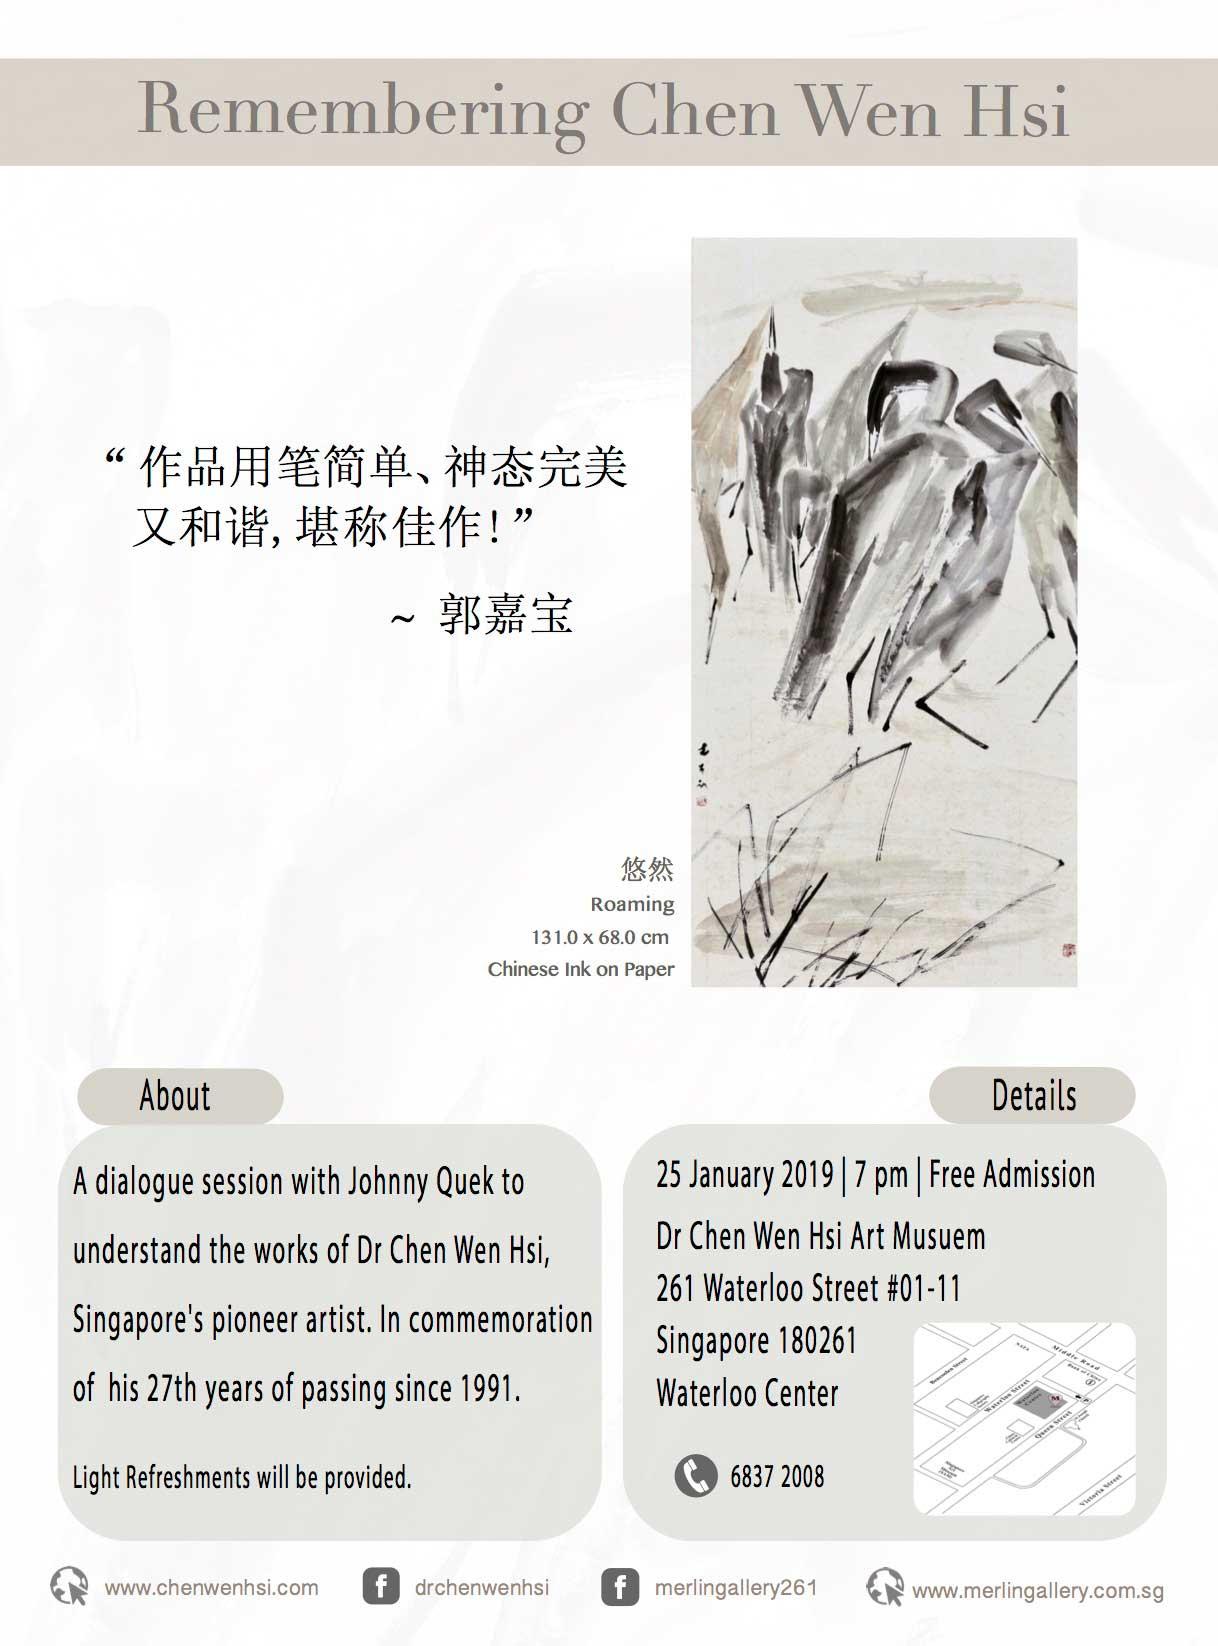 Chen Wen Hsi Event Flyer